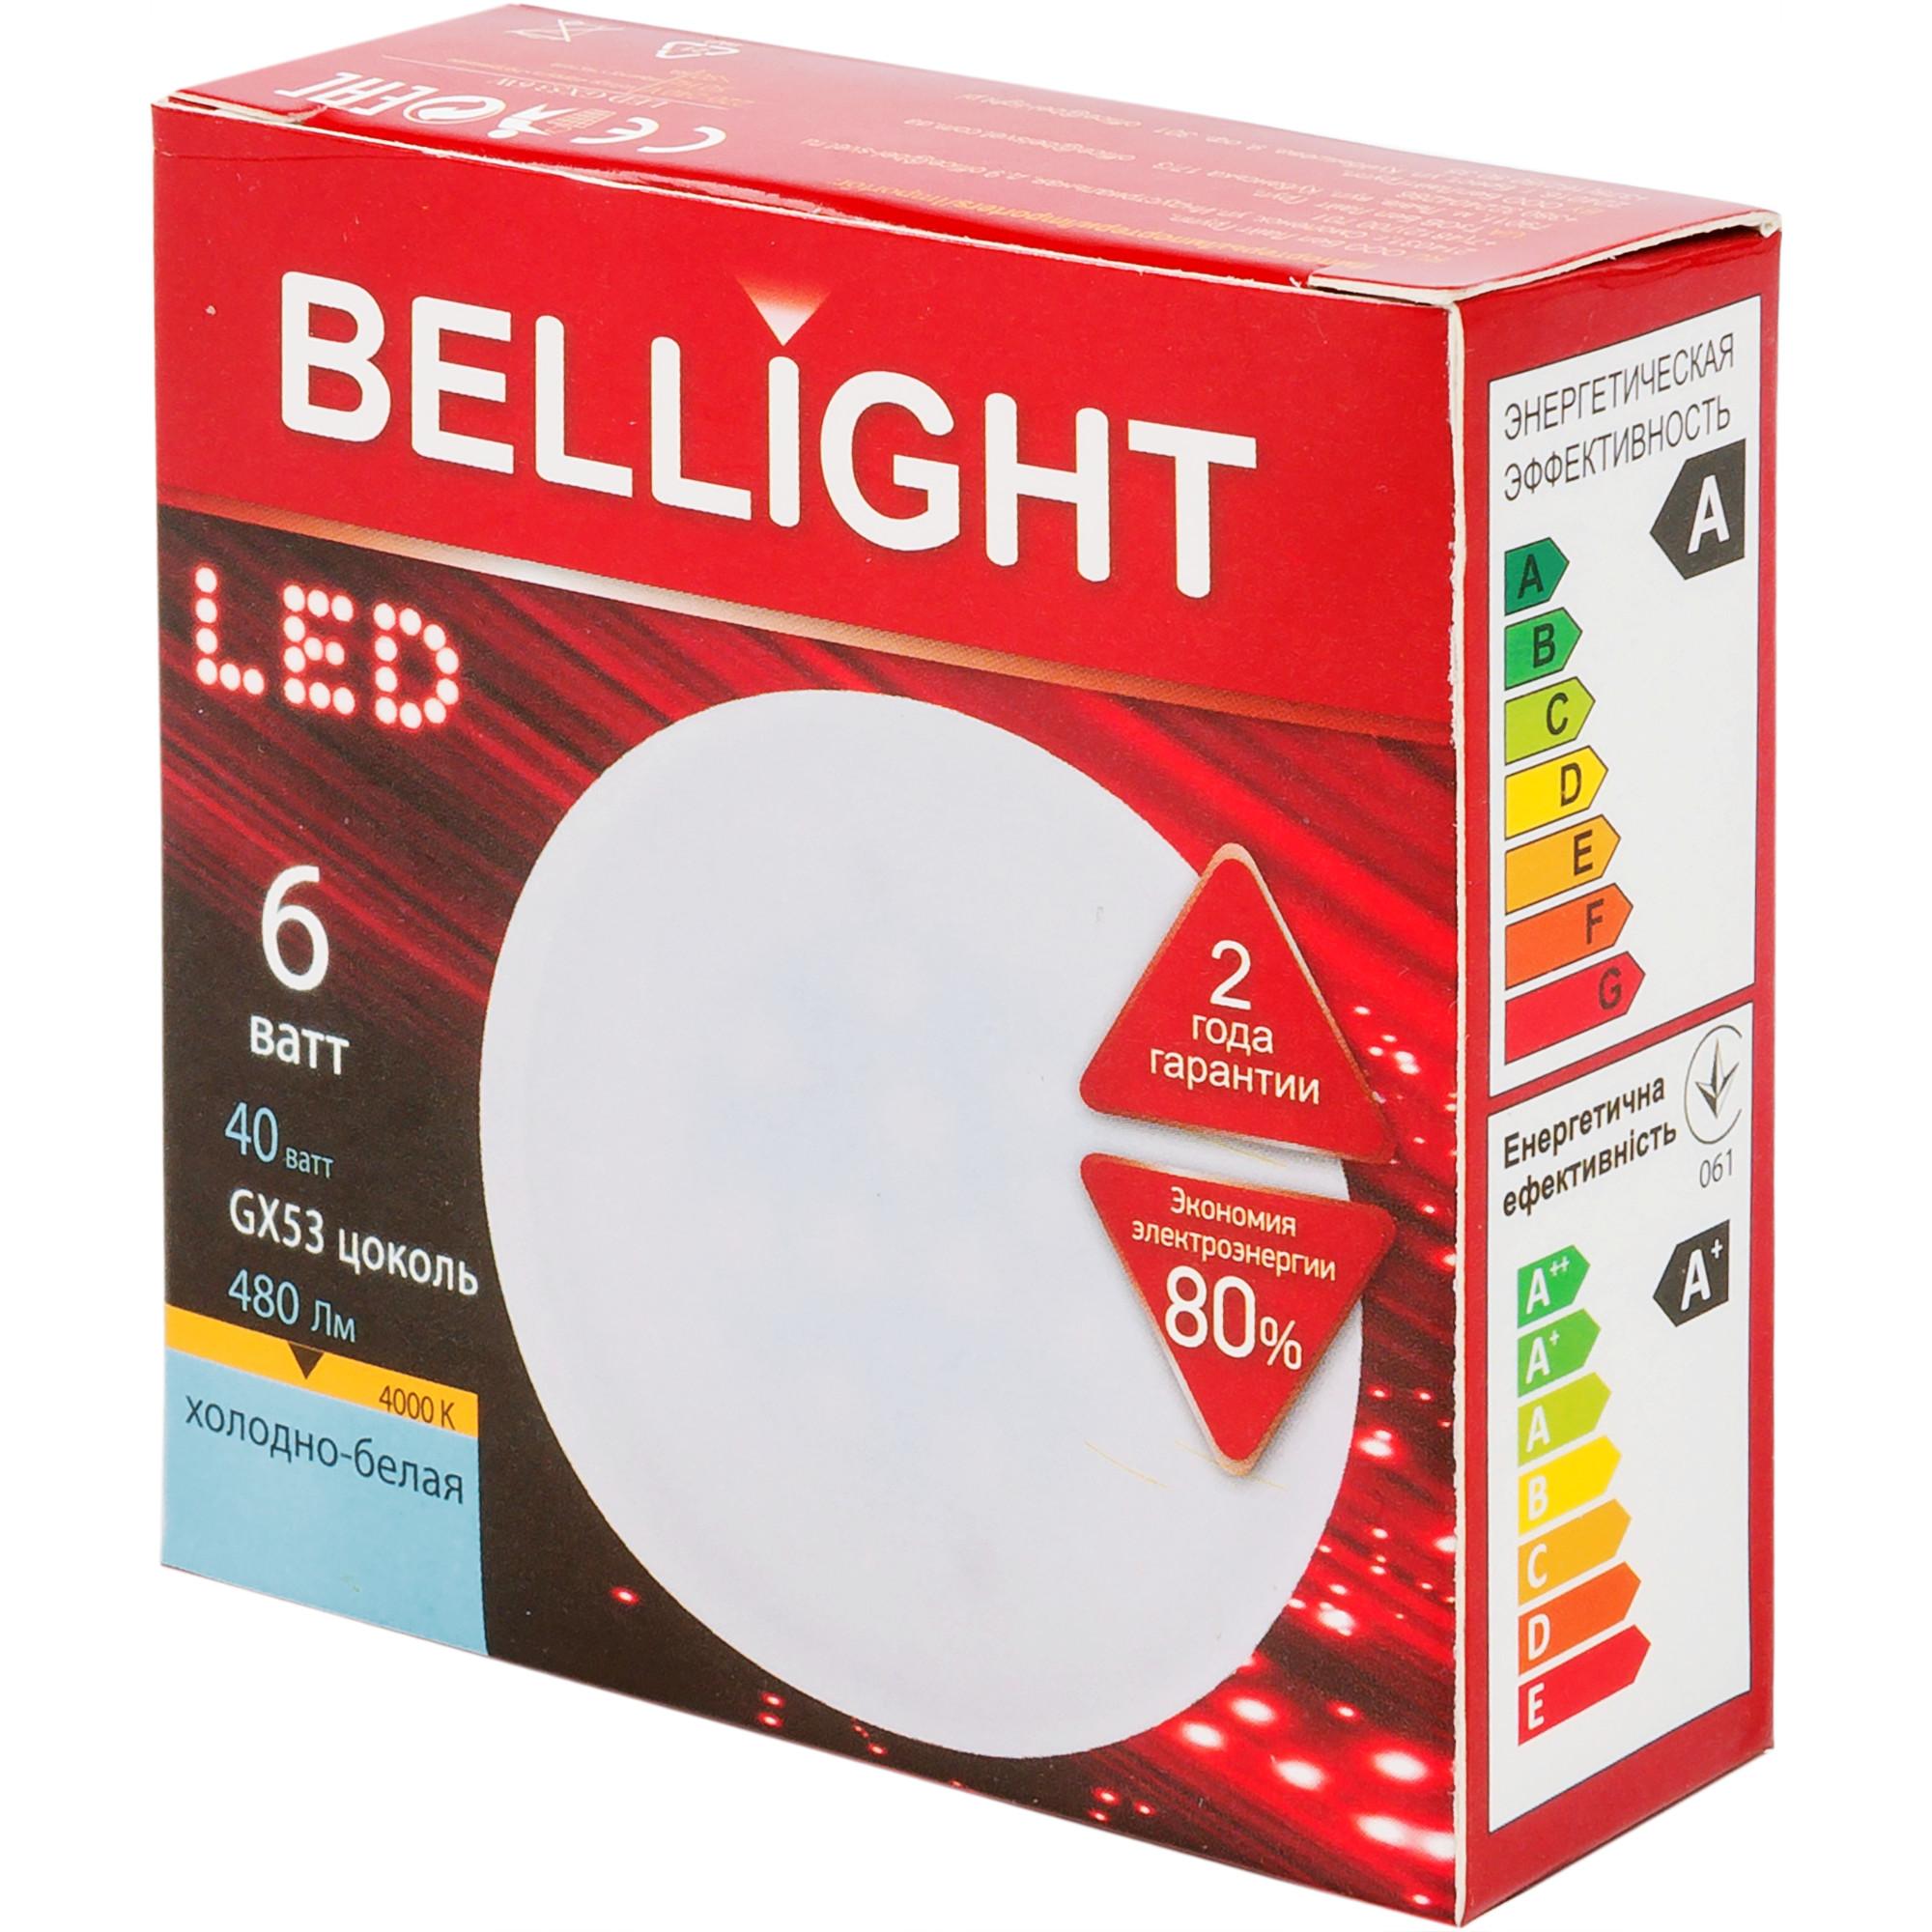 Лампа светодиодная Bellight GX53 220-240 В 6 Вт 480 лм белый свет